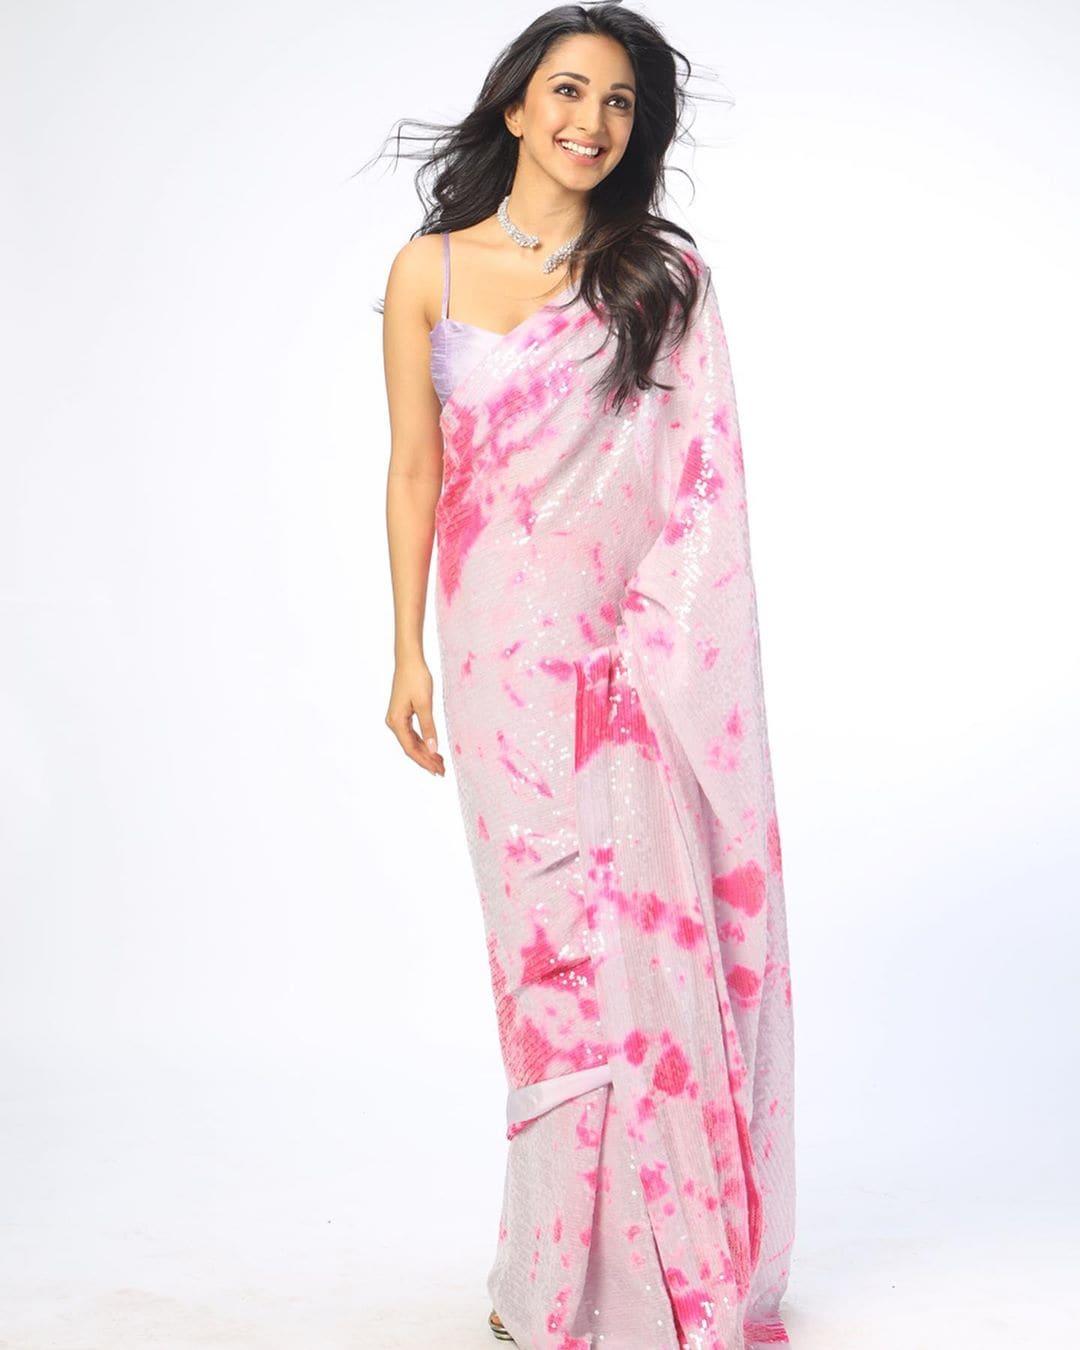 కియారా అద్వానీ లేటెస్ట్ ఫోటోస్ Photo: Instagram.com/kiaraaliaadvani